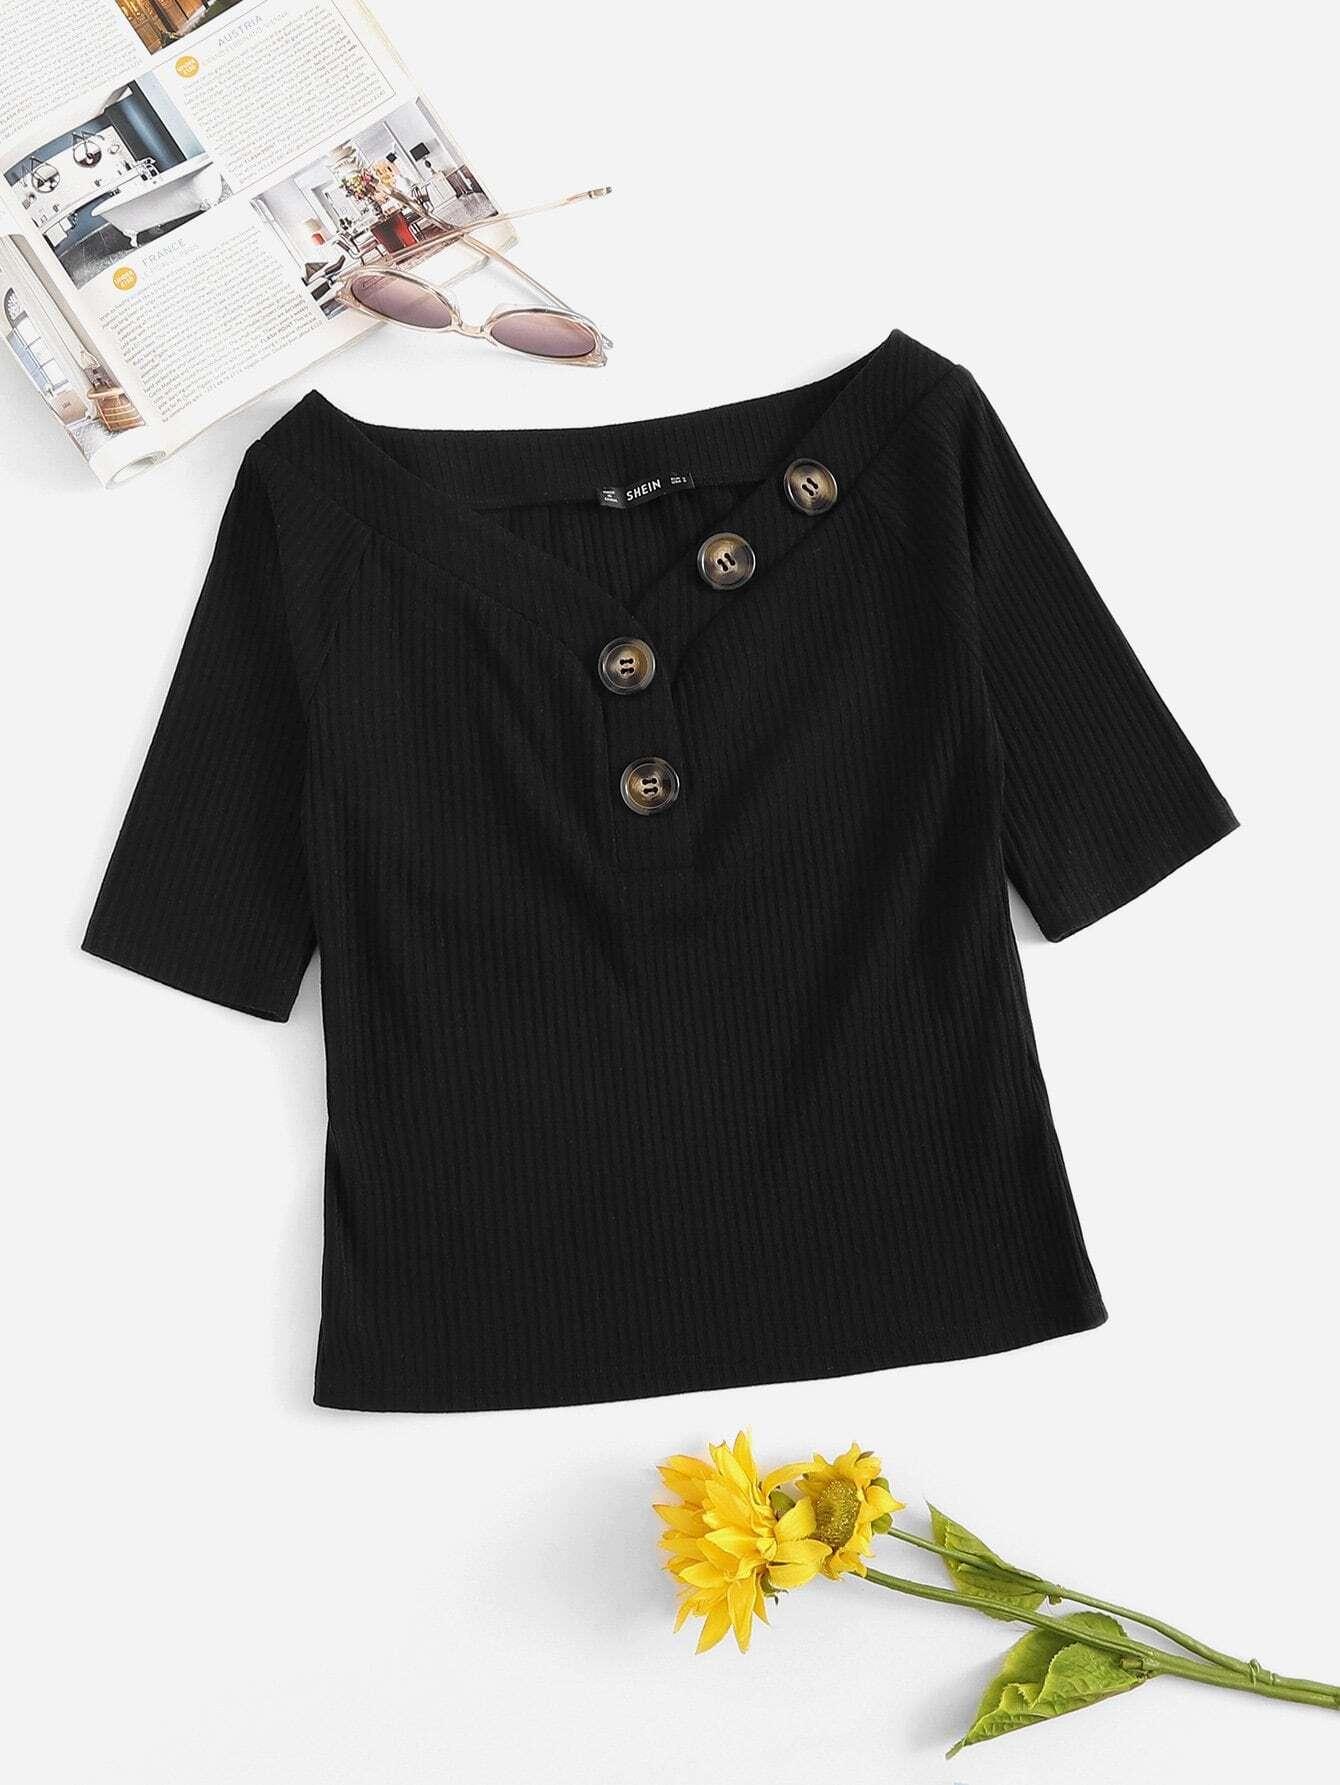 Купить Вязаная футболка с рельефными узорами и с украшением пуговицы, null, SheIn